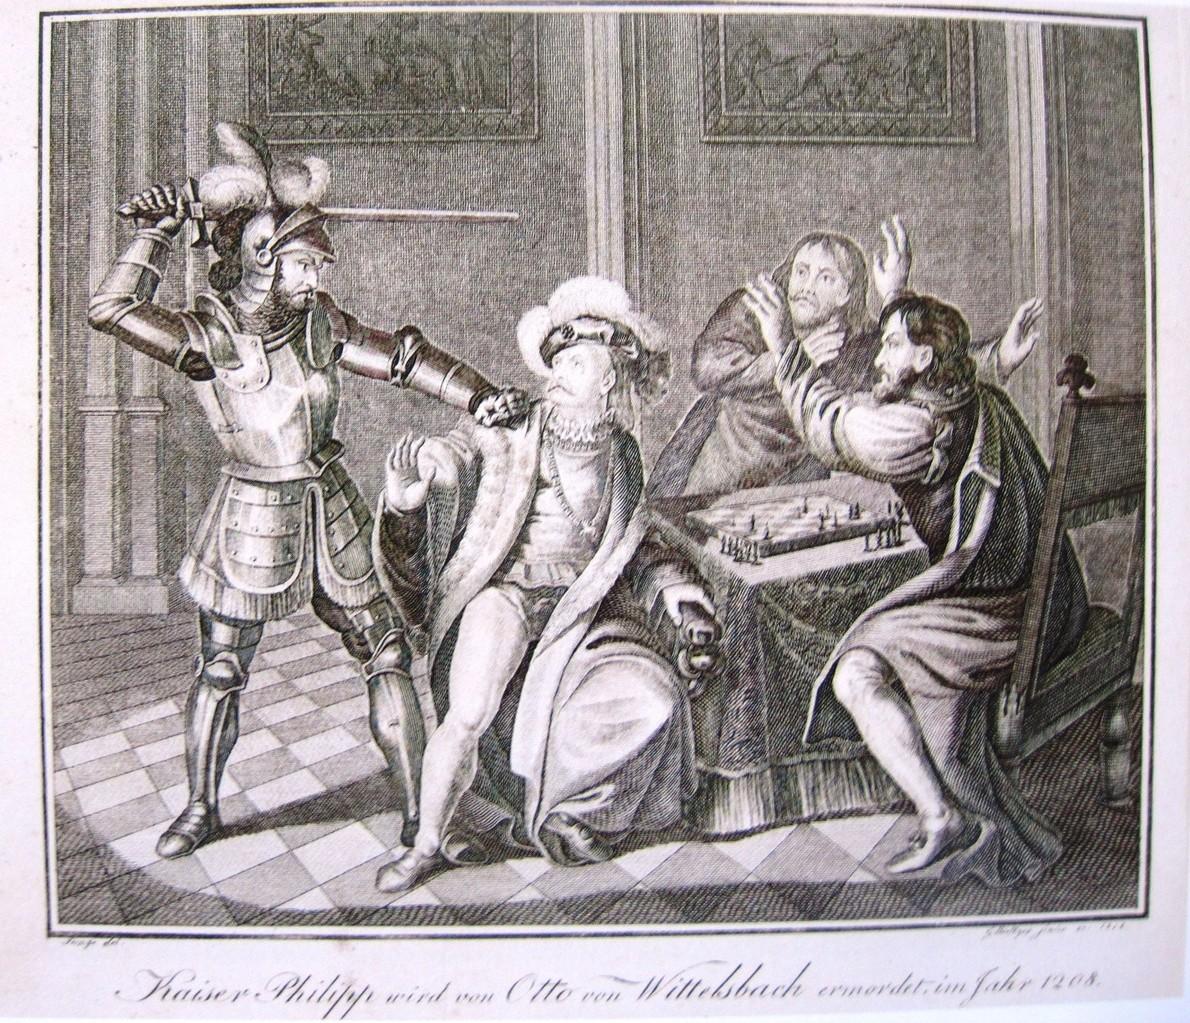 G. Bottger 1818